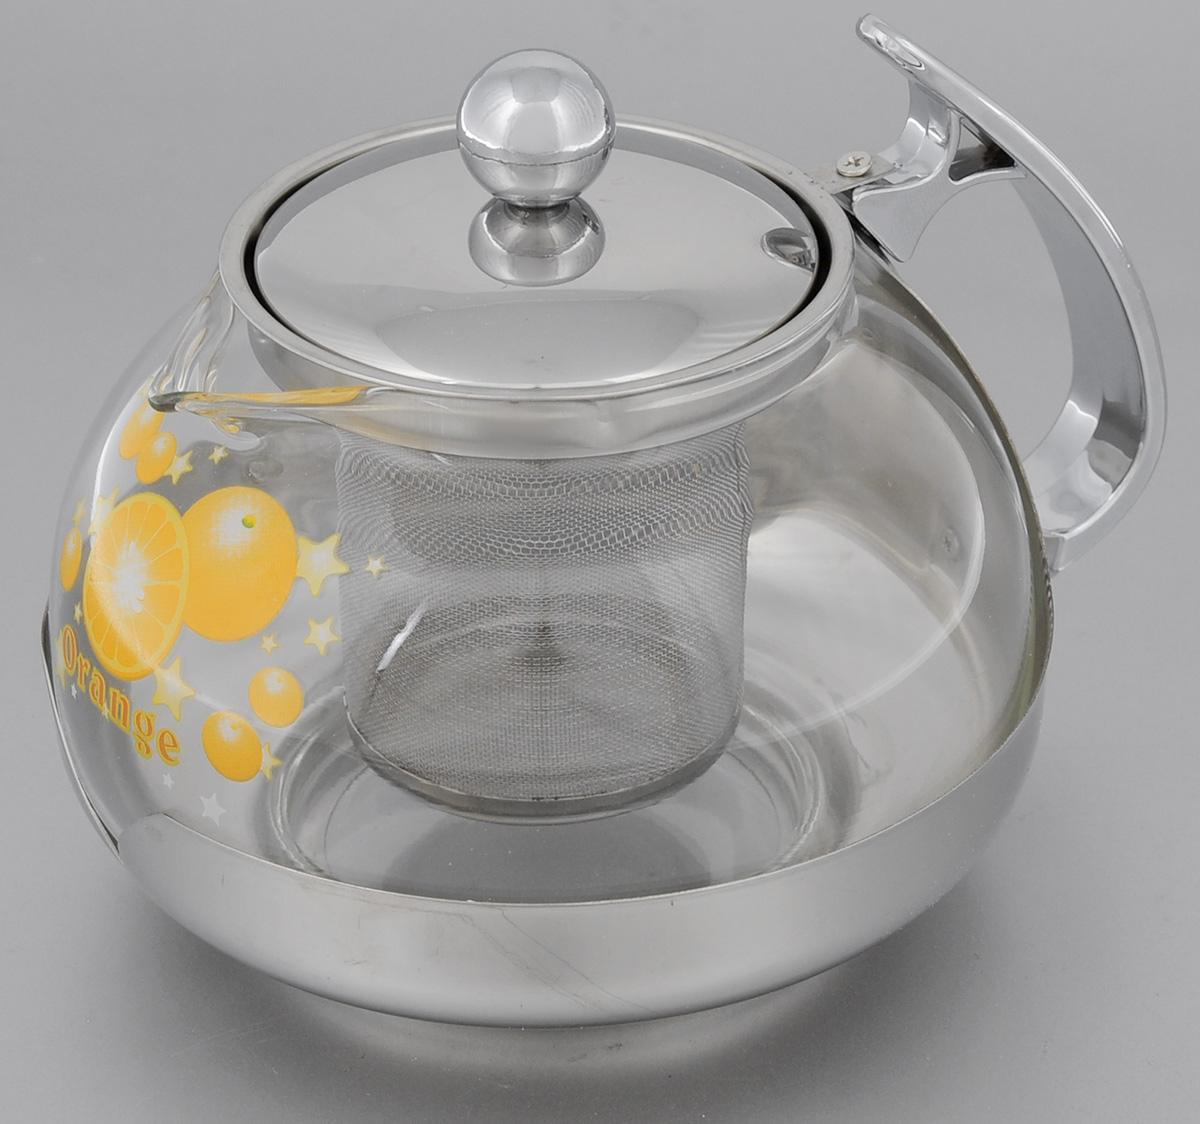 Чайник заварочный Mayer & Boch Orange, с фильтром, 700 мл2023Заварочный чайник Mayer & Boch Orange, выполненный из жаропрочного стекла и нержавеющей стали, практичный и простой в использовании. Он займет достойное место на вашей кухне и позволит вам заварить свежий, ароматный чай. Чайник оснащен сетчатым фильтром, который задерживает чаинки и предотвращает их попадание в чашку, а прозрачные стенки дадут возможность наблюдать за насыщением напитка. Заварочный чайник Mayer & Boch Orange послужит хорошим подарком для друзей и близких.Диаметр чайника (по верхнему краю): 7,5 см.Высота чайника (без учета крышки): 9,5 см.Высота фильтра: 6,5 см.Объем: 700 мл.